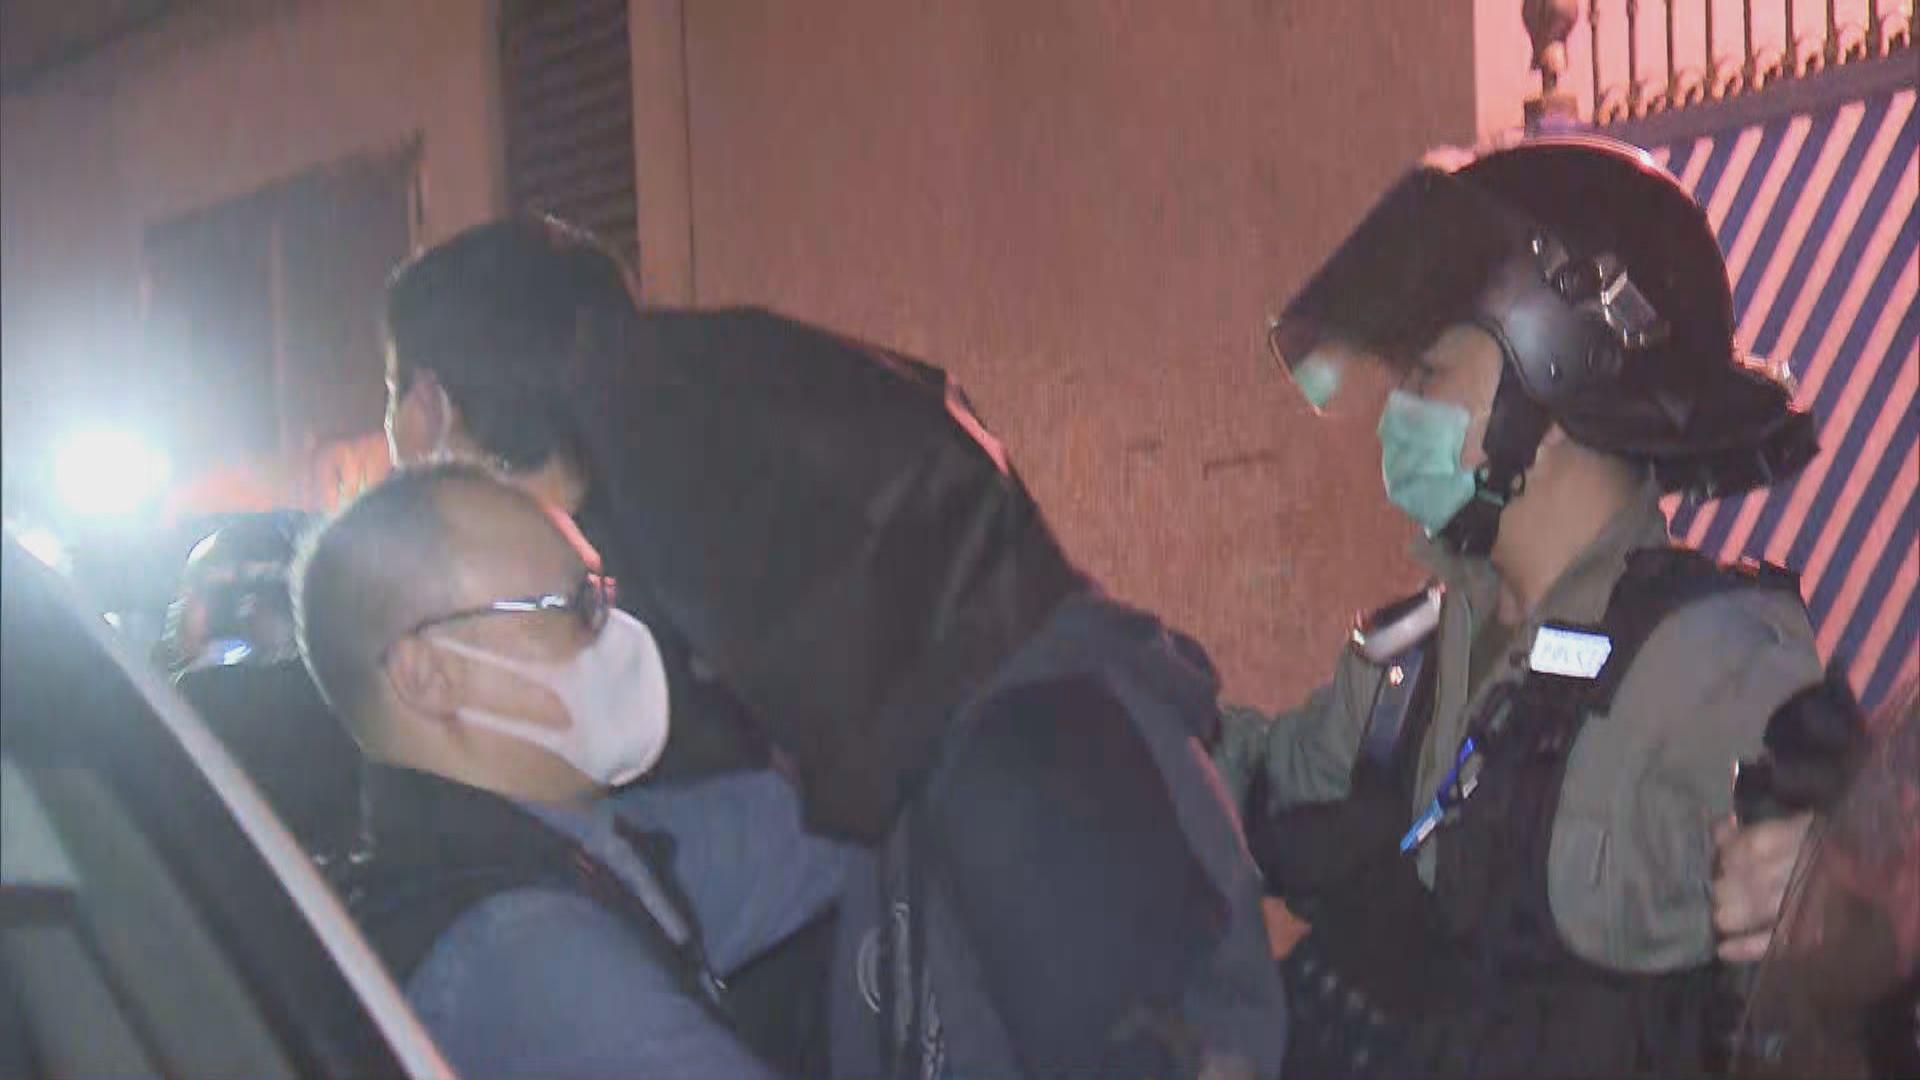 警拘17人檢爆炸裝置及化學品 指炸彈不單針對警員